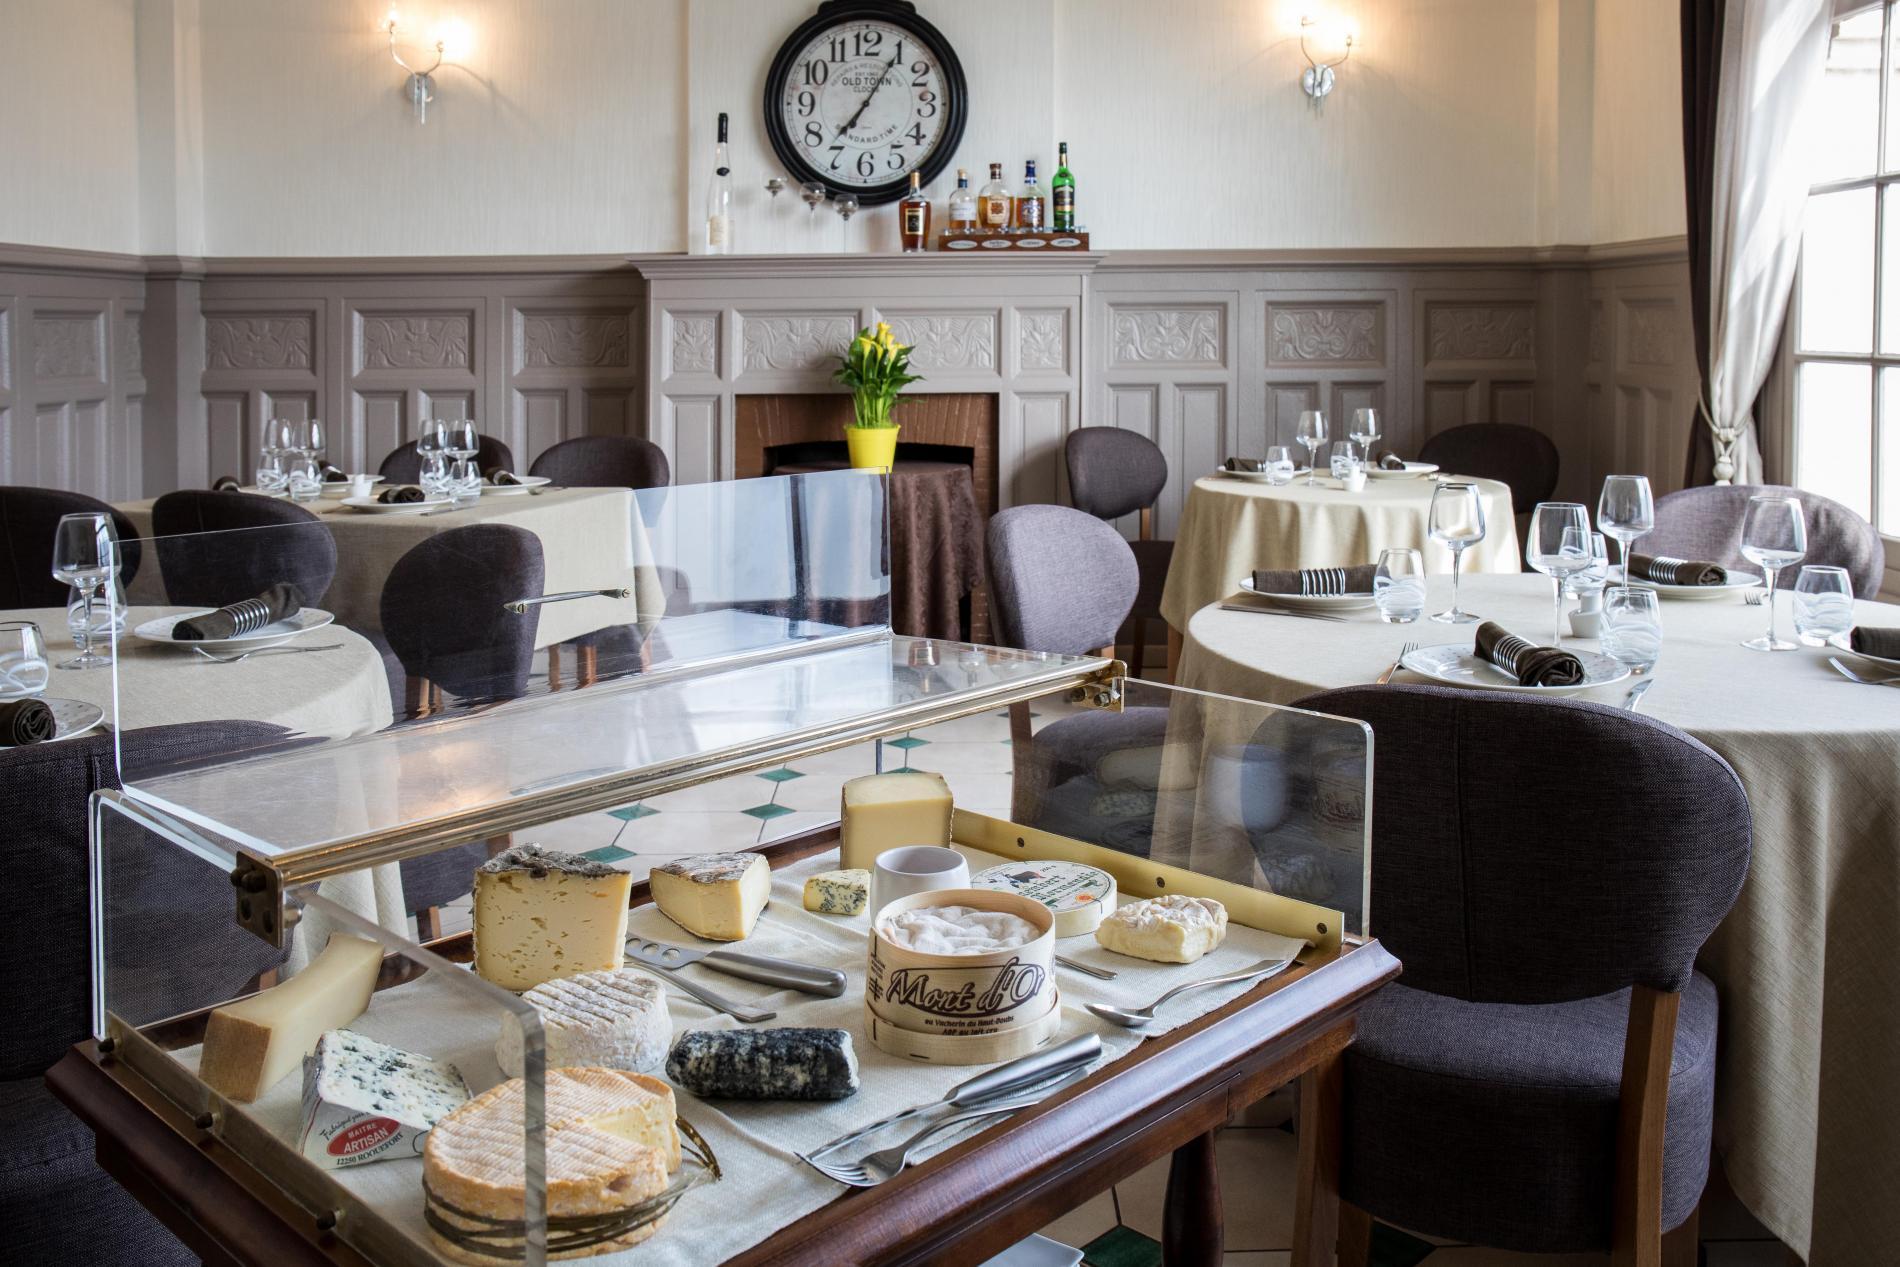 Restaurant de l'hôtel de la poste Le Mêle sur Sarthe